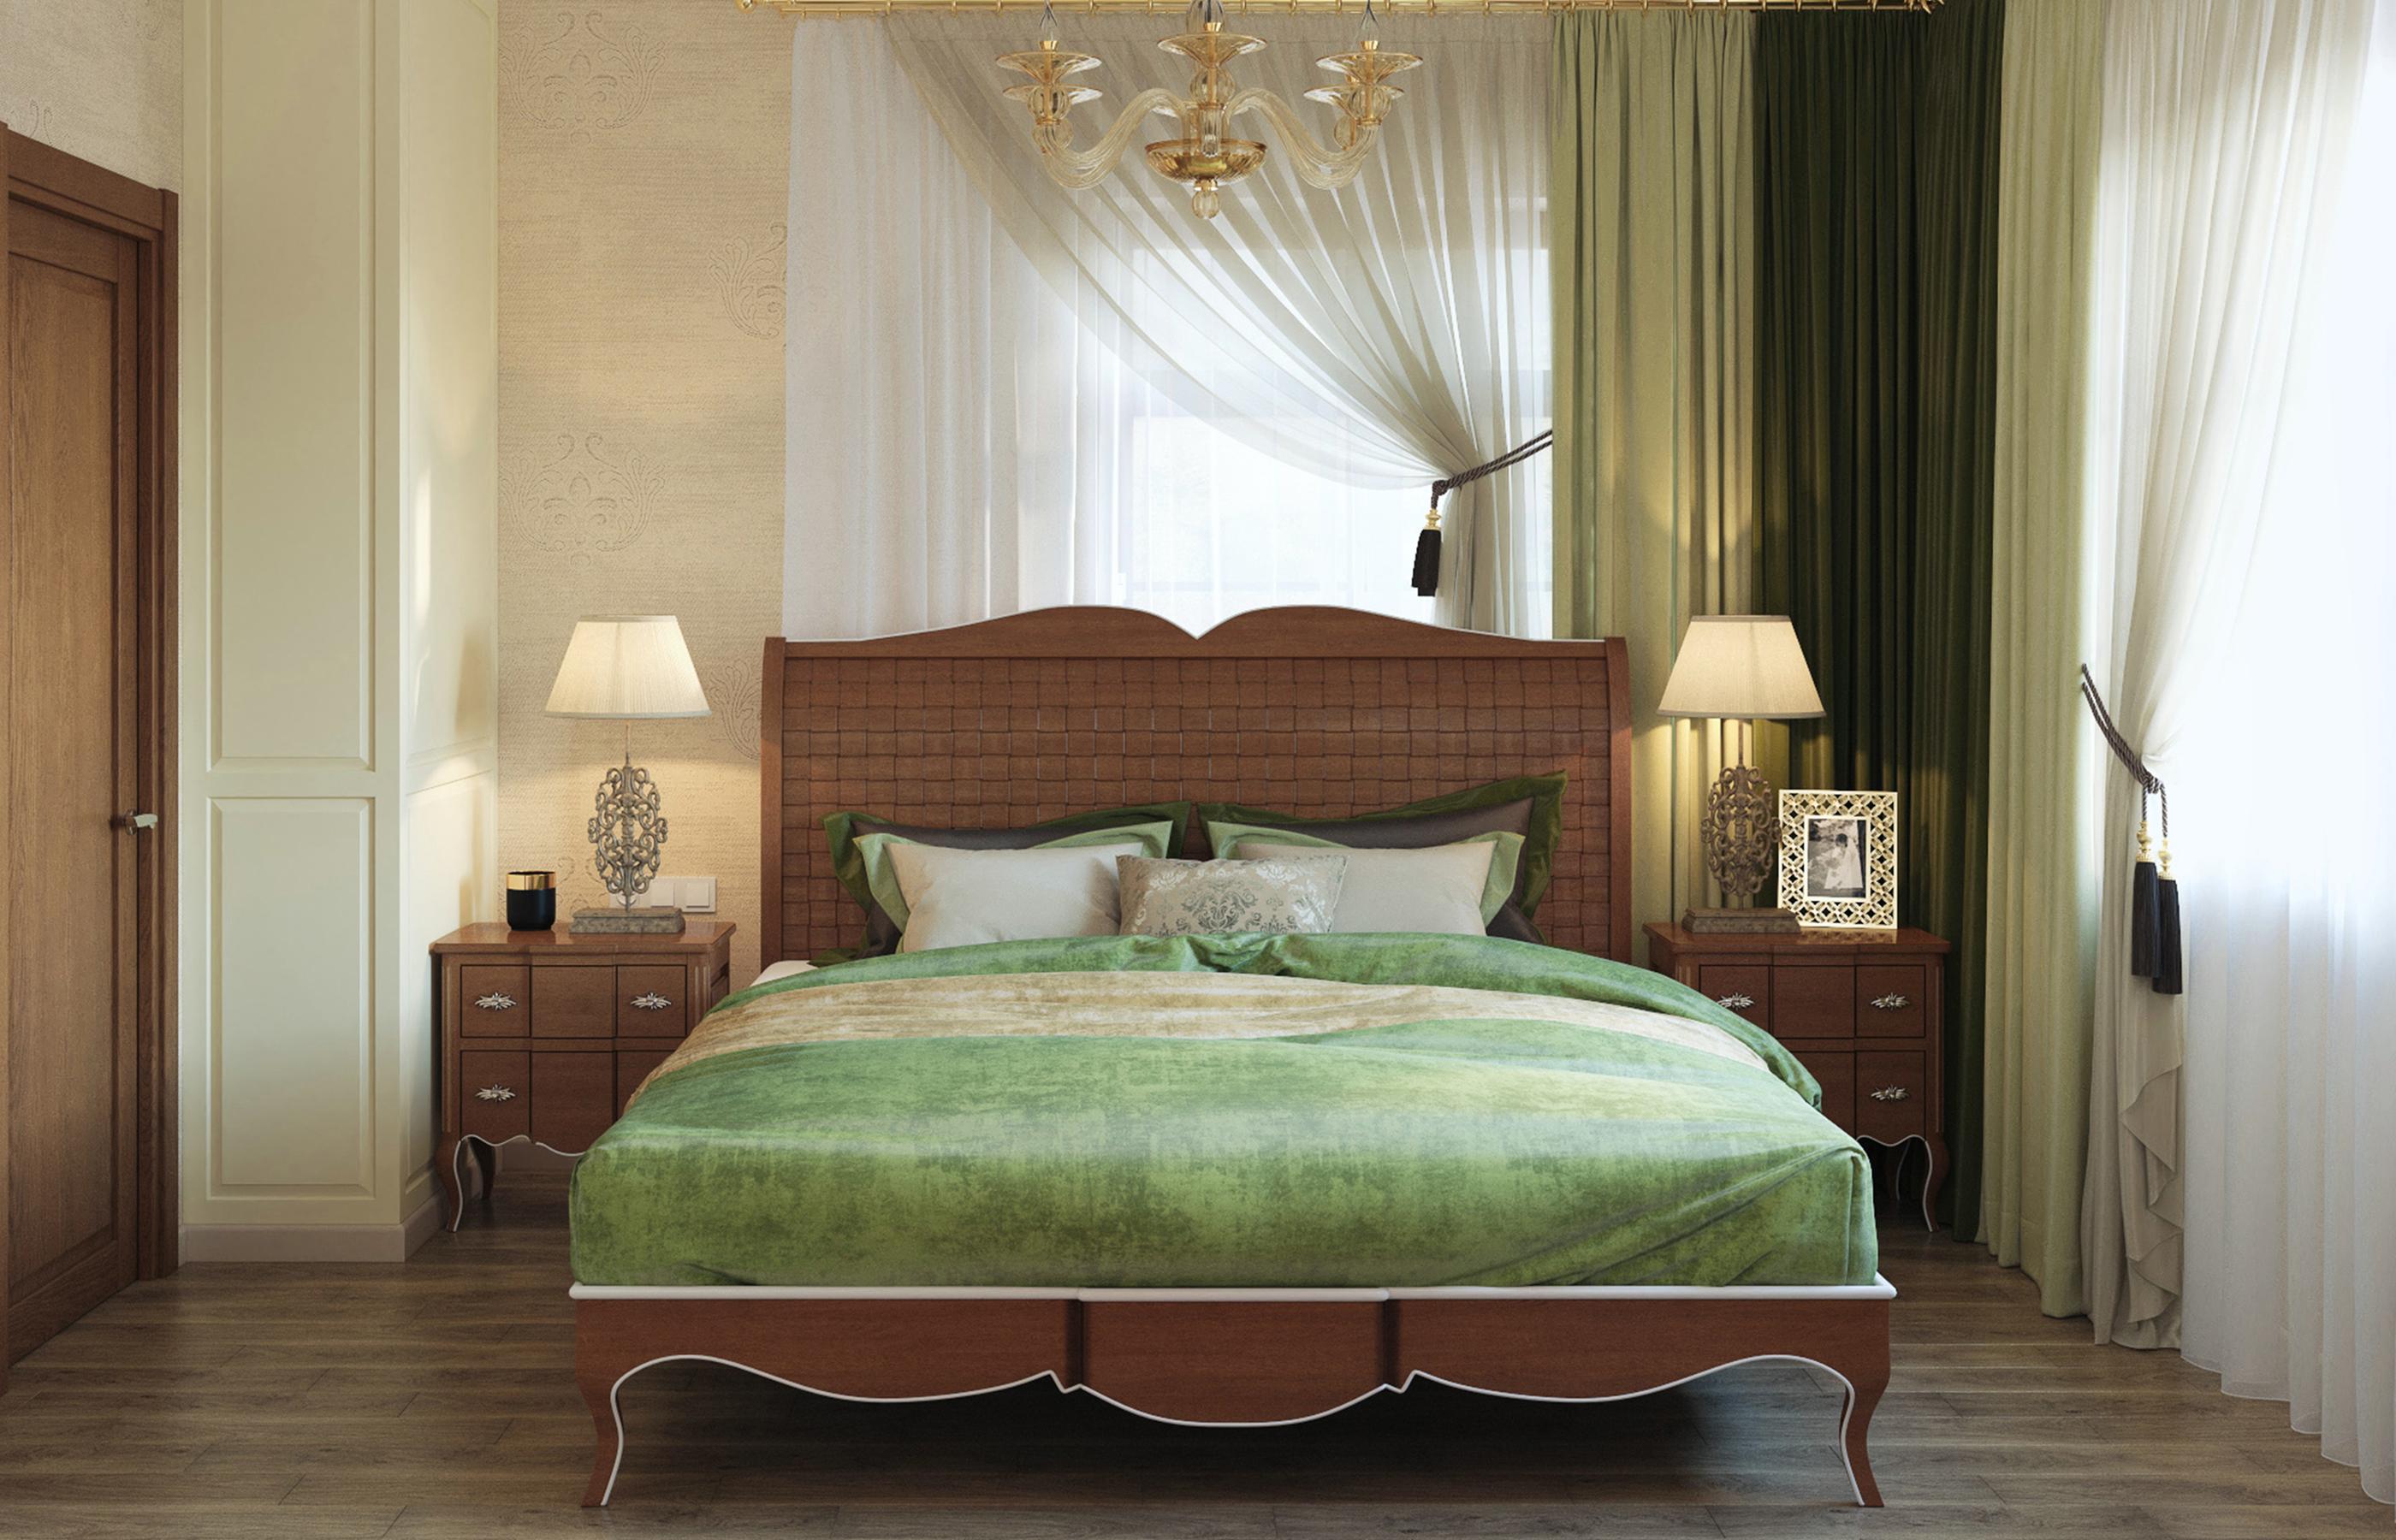 Интерьер спальни в оливково-золотистой цветовой гамме